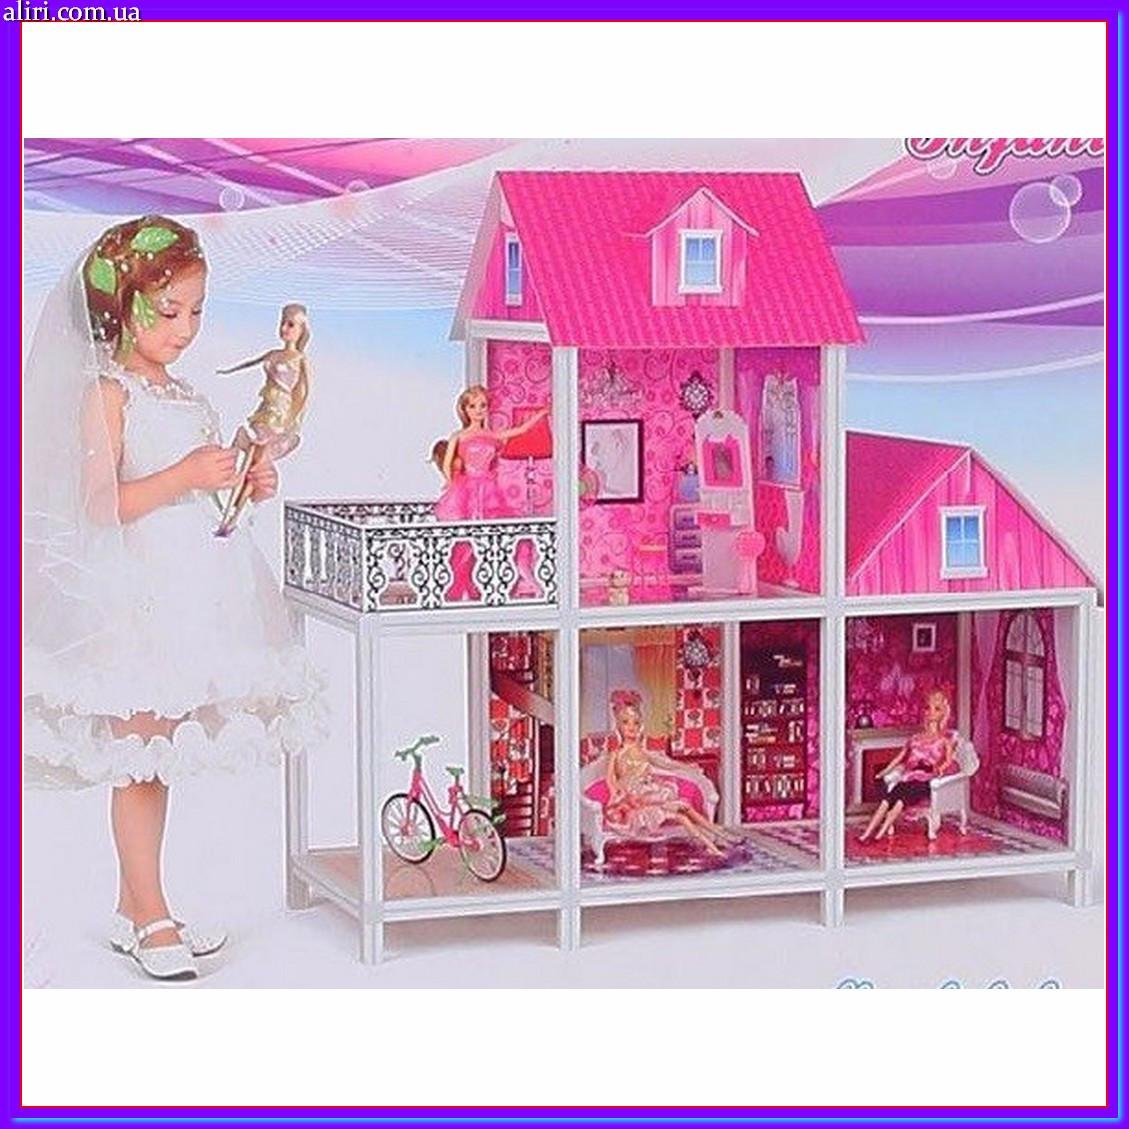 Домик двухэтажный для куклы с мебелью и 3 куклами 66883